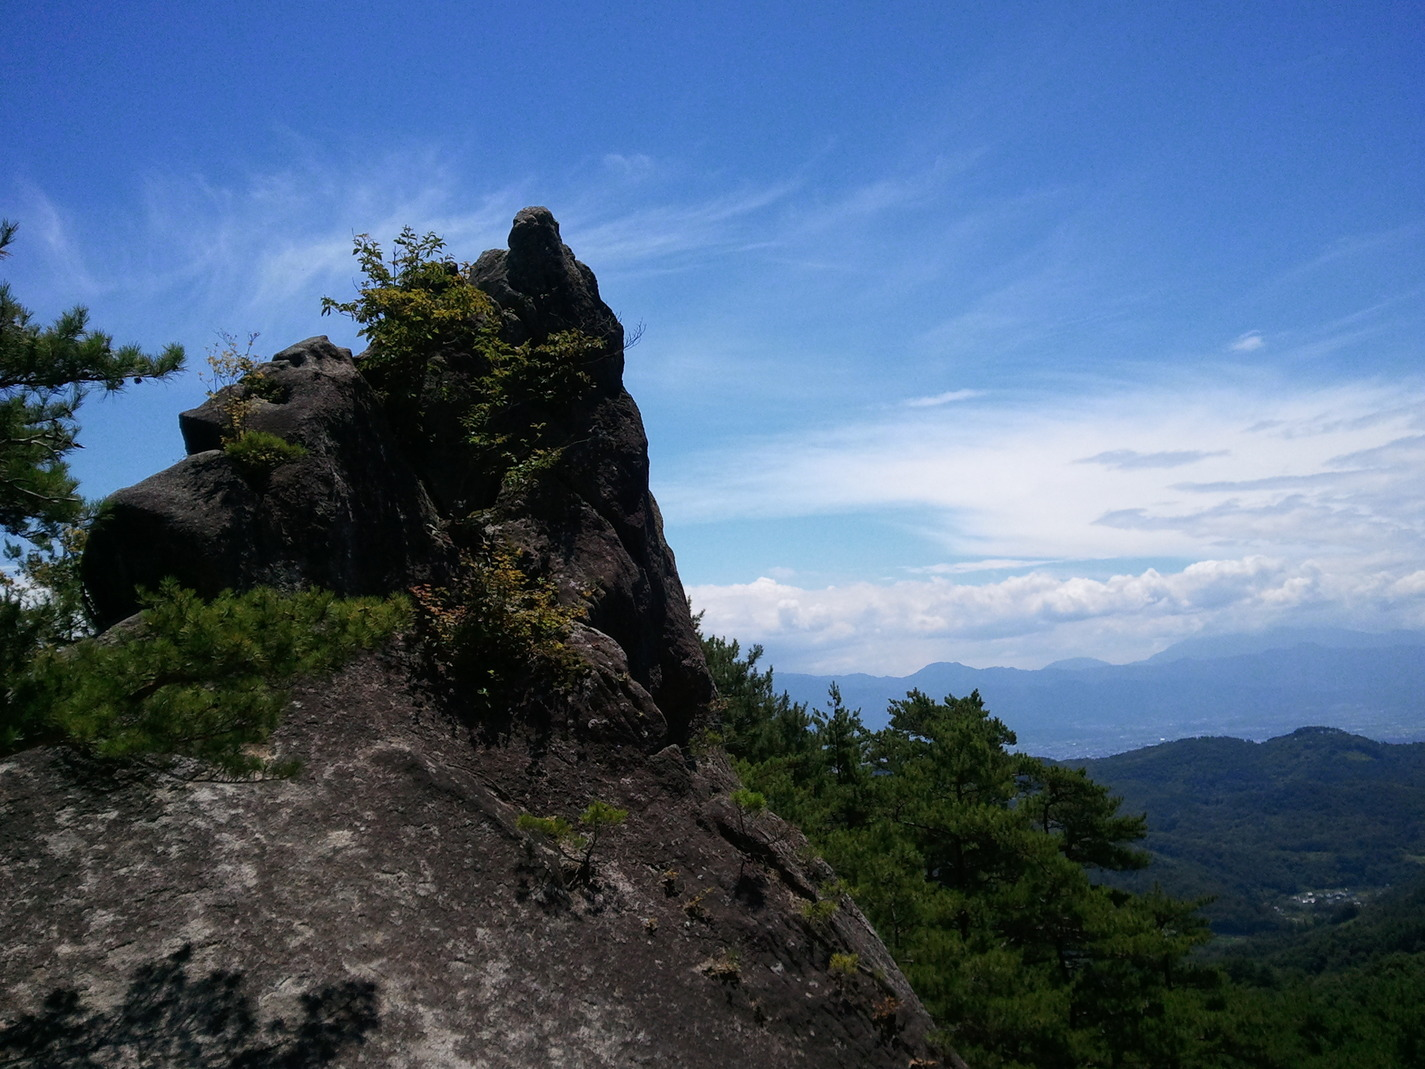 The 100 famous mountains of Yamanashi